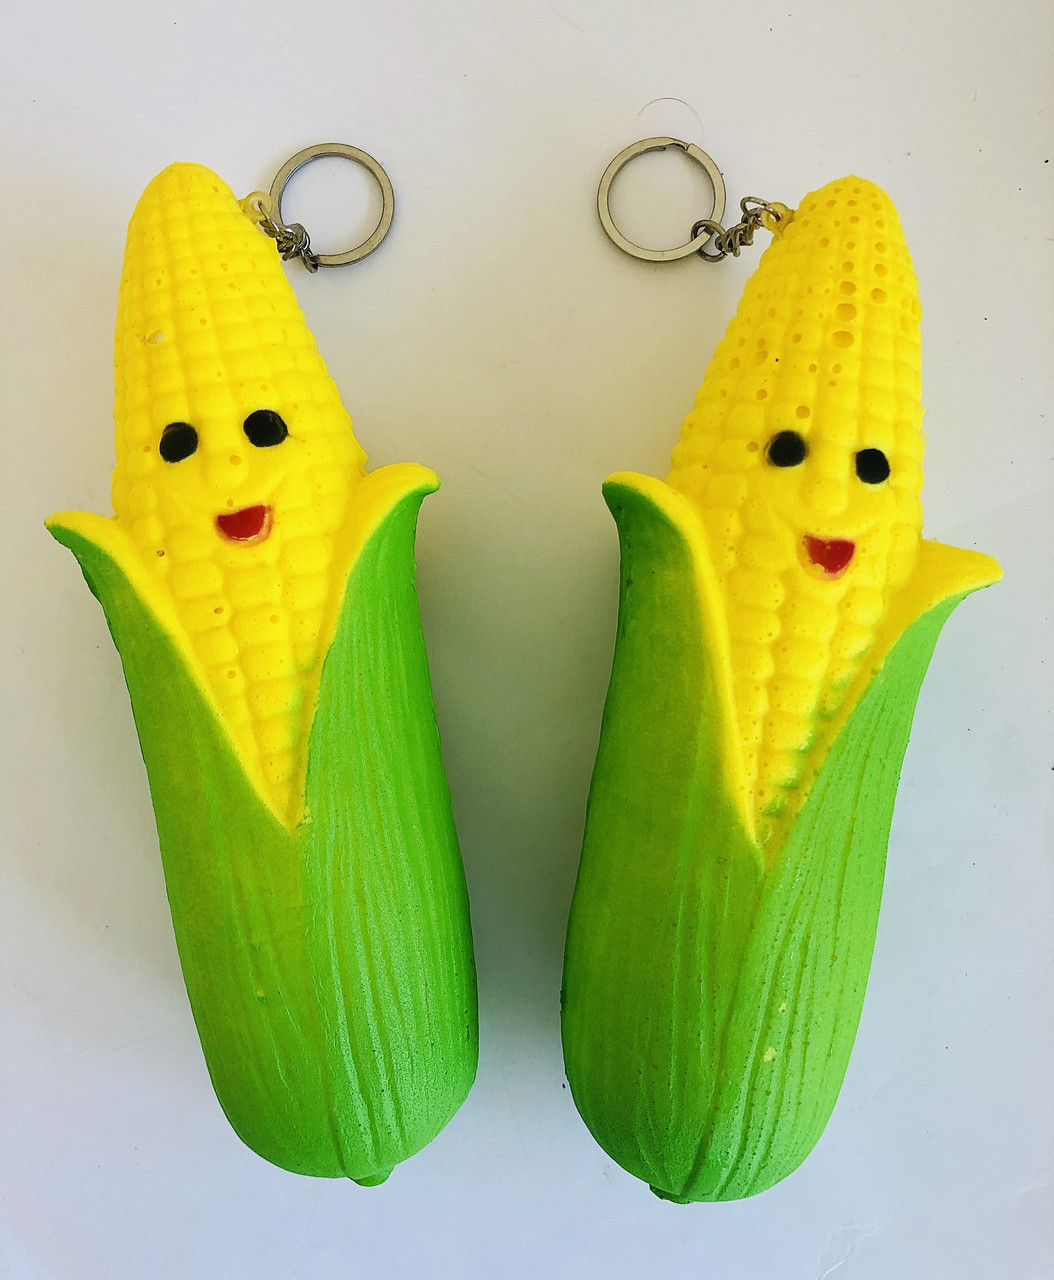 Сквиши Sguishy антистресс Кукуруза